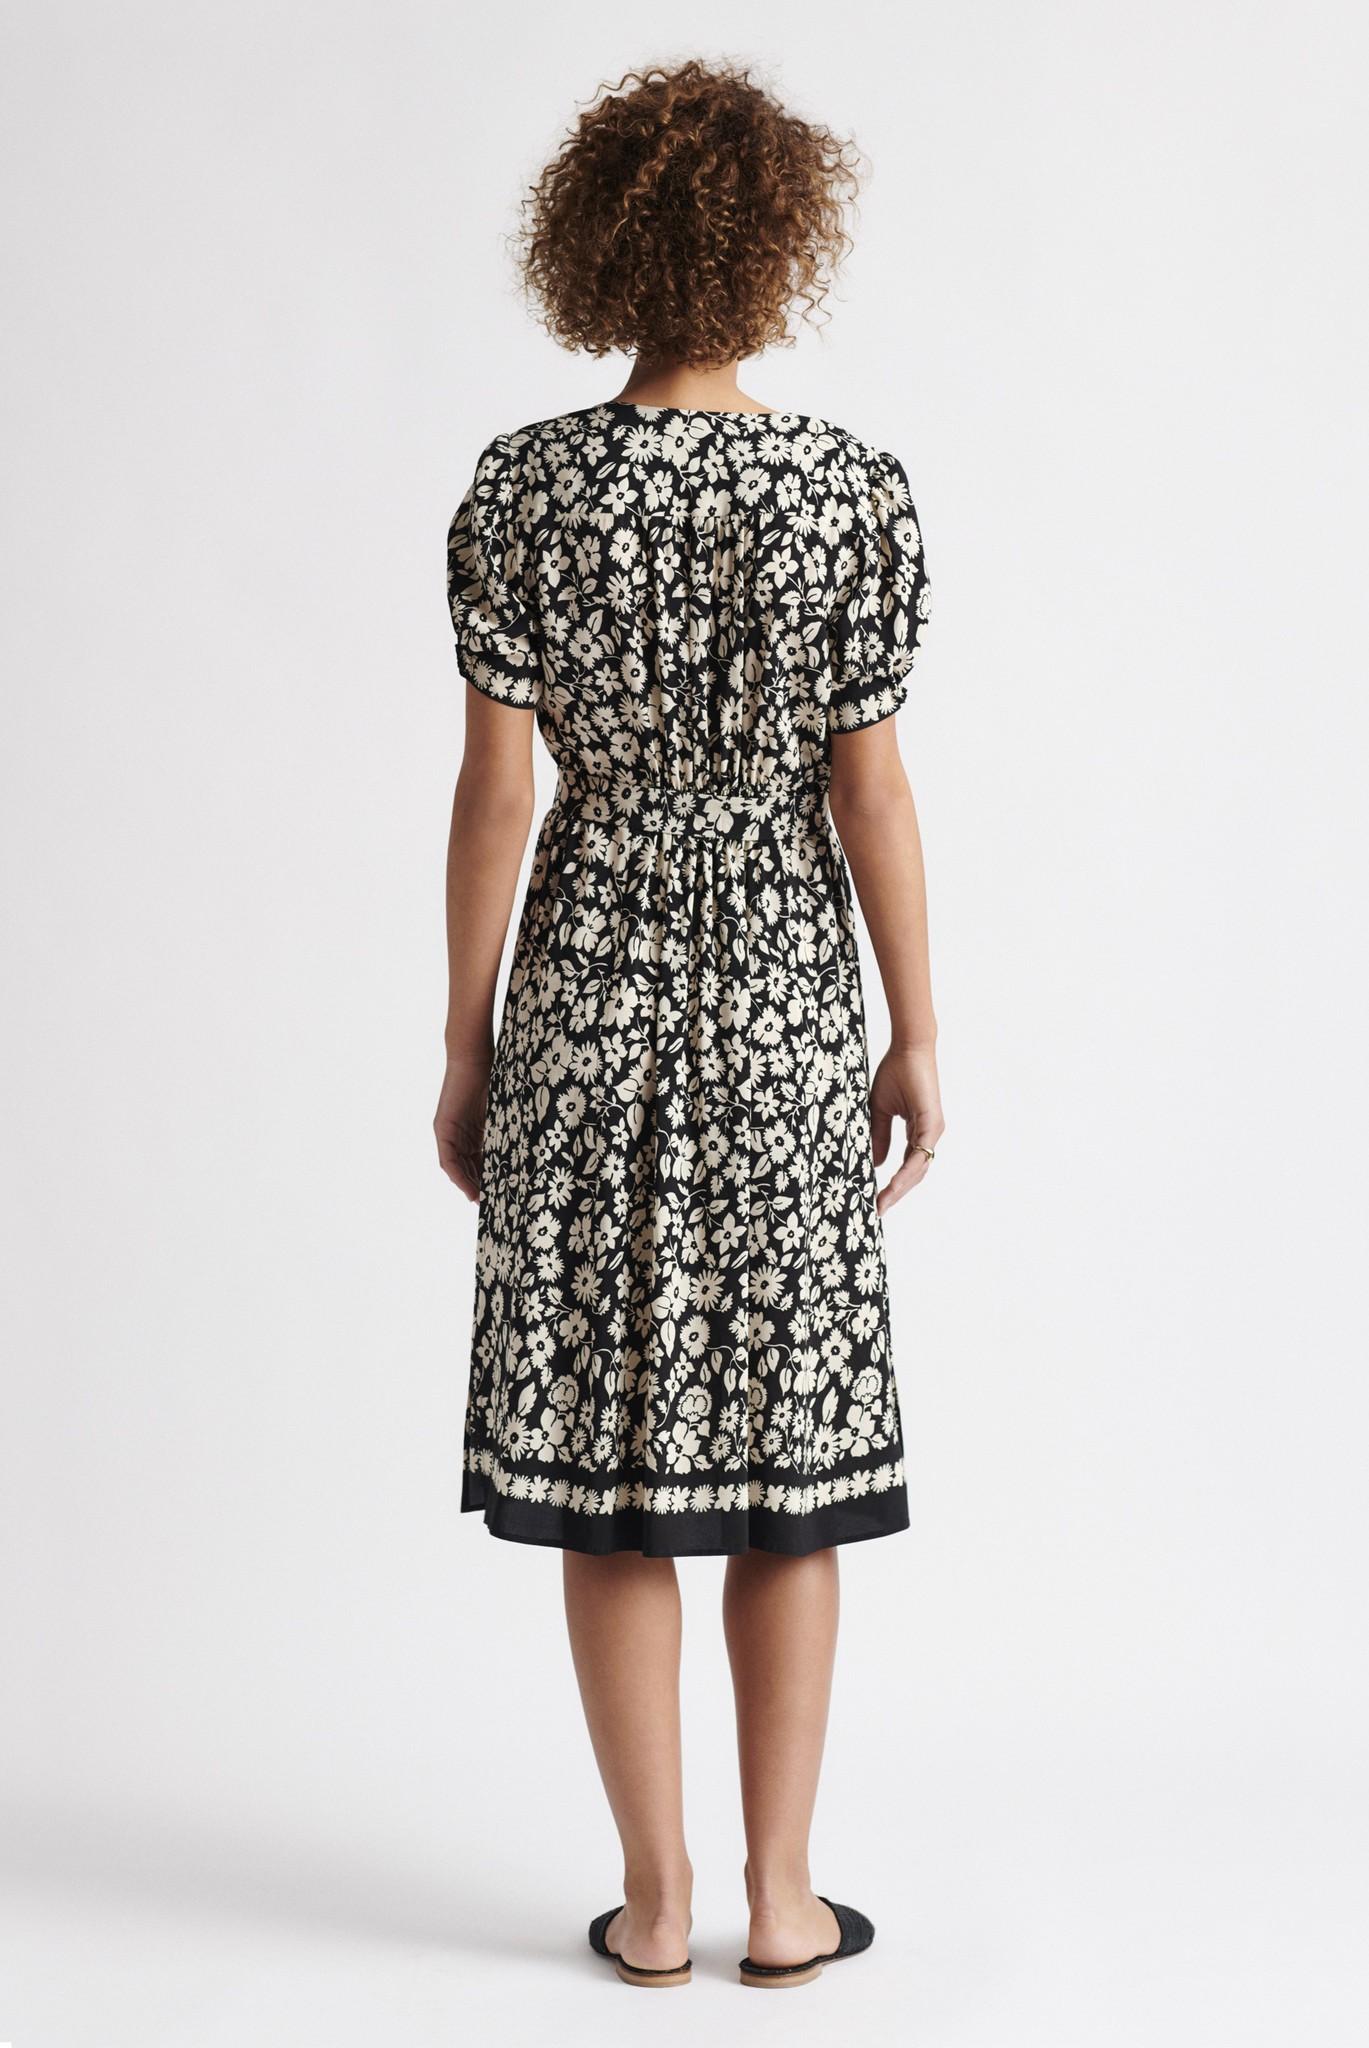 STEFANIA - Платье в цветочек